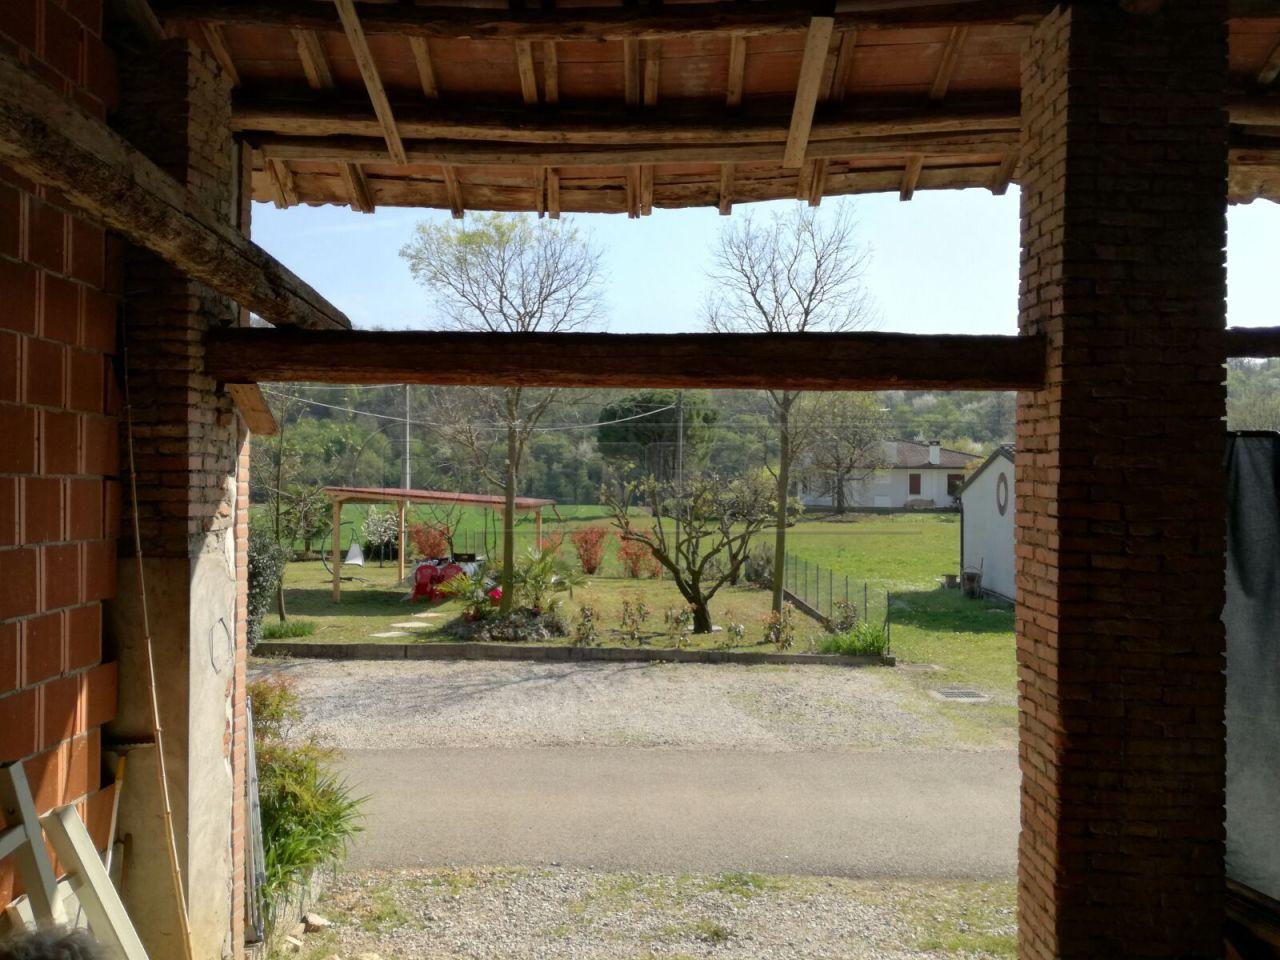 Rustico / Casale in vendita a Vicenza, 9999 locali, prezzo € 40.000 | Cambio Casa.it